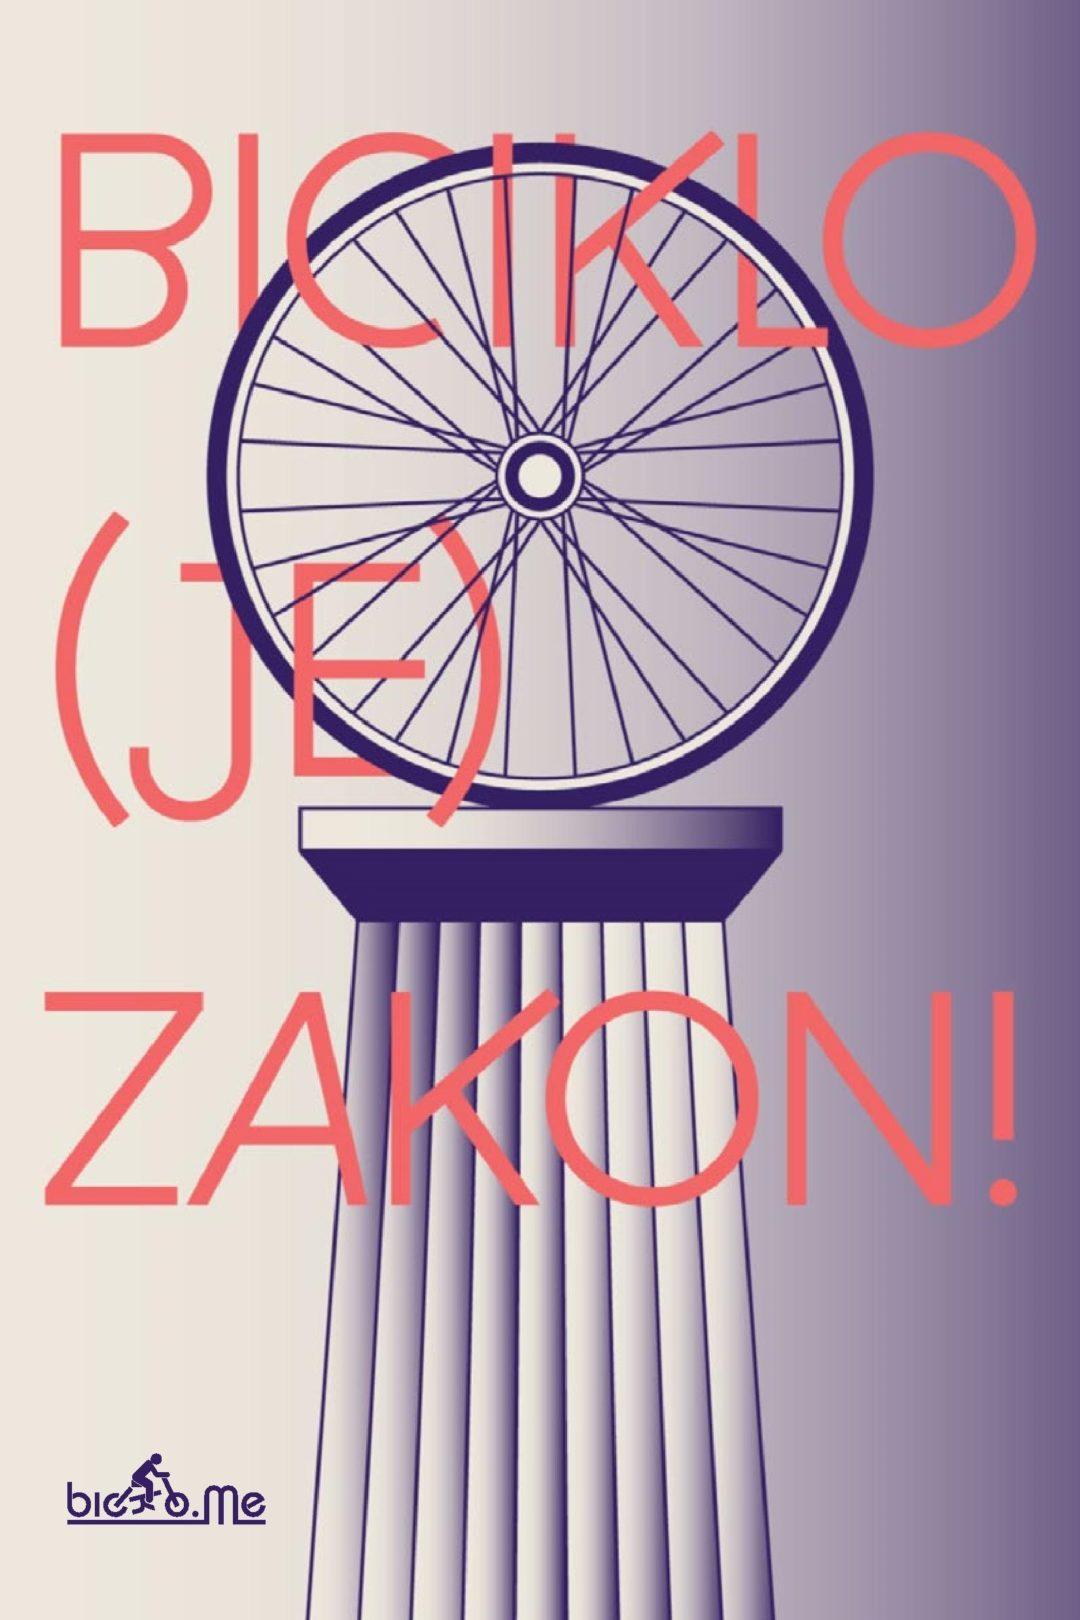 Biciklo (je) zakon!